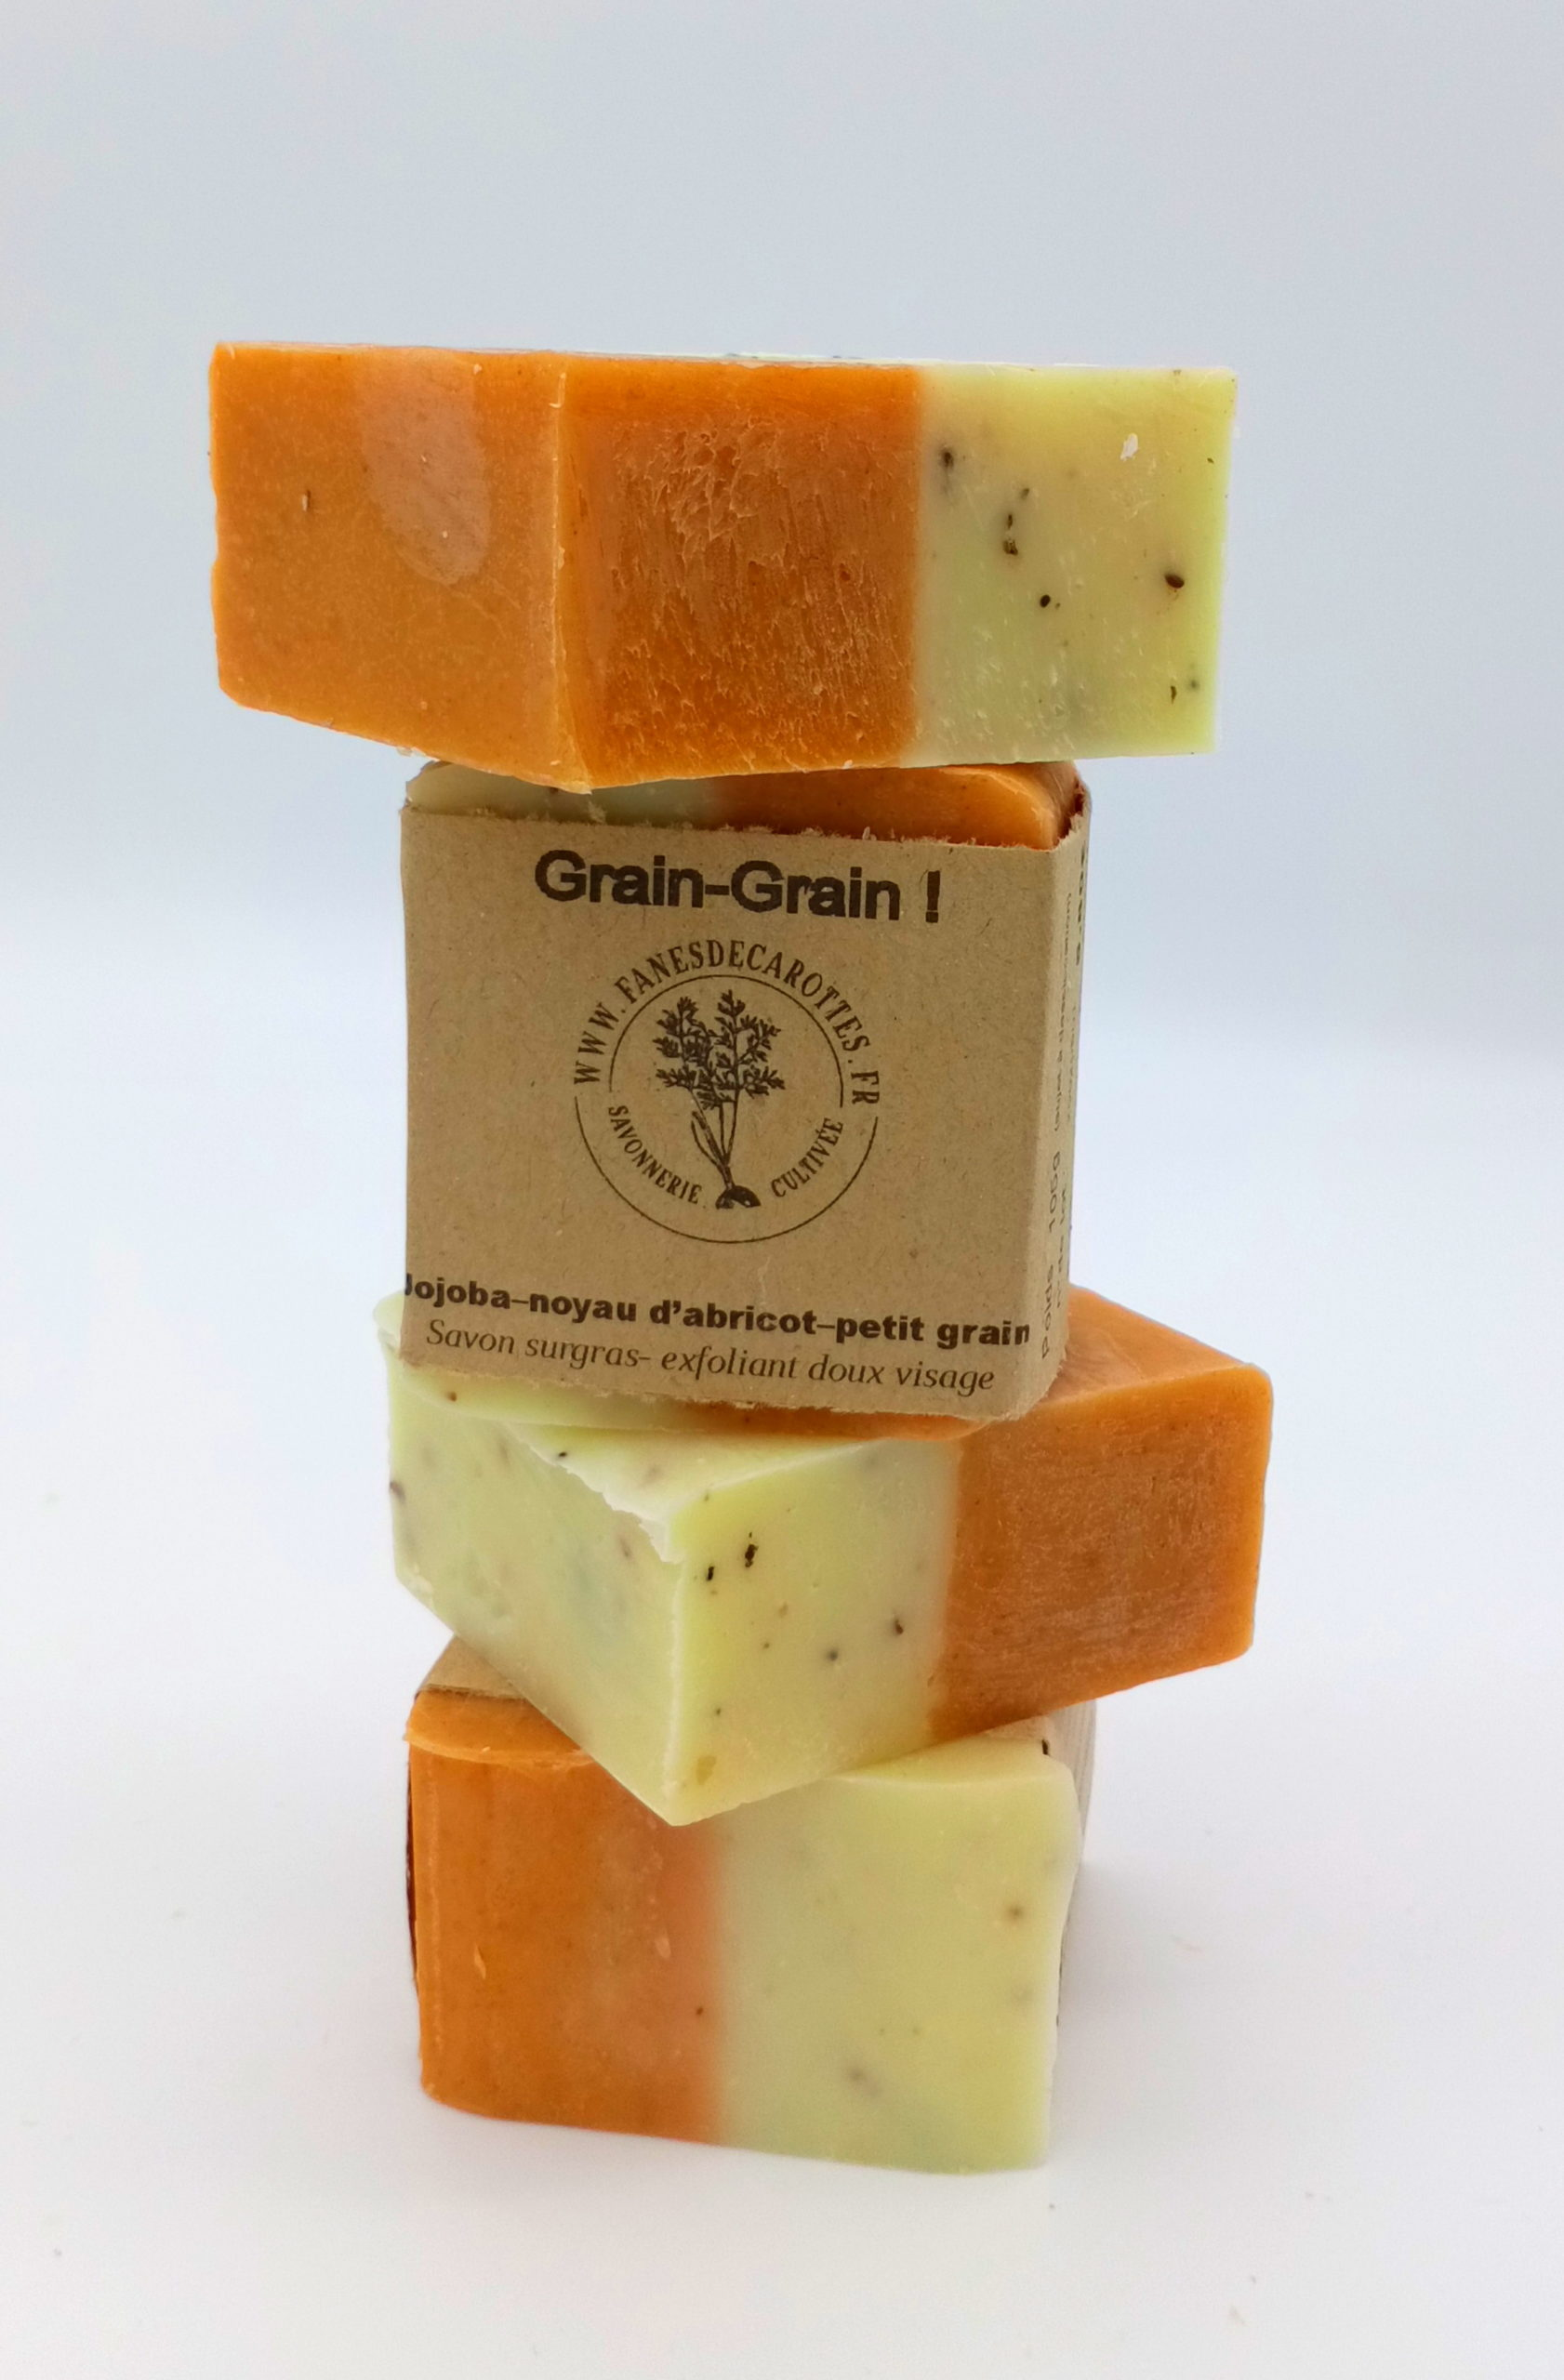 exfoliant visage, grain grain, f'ânes de carottes, rectangle